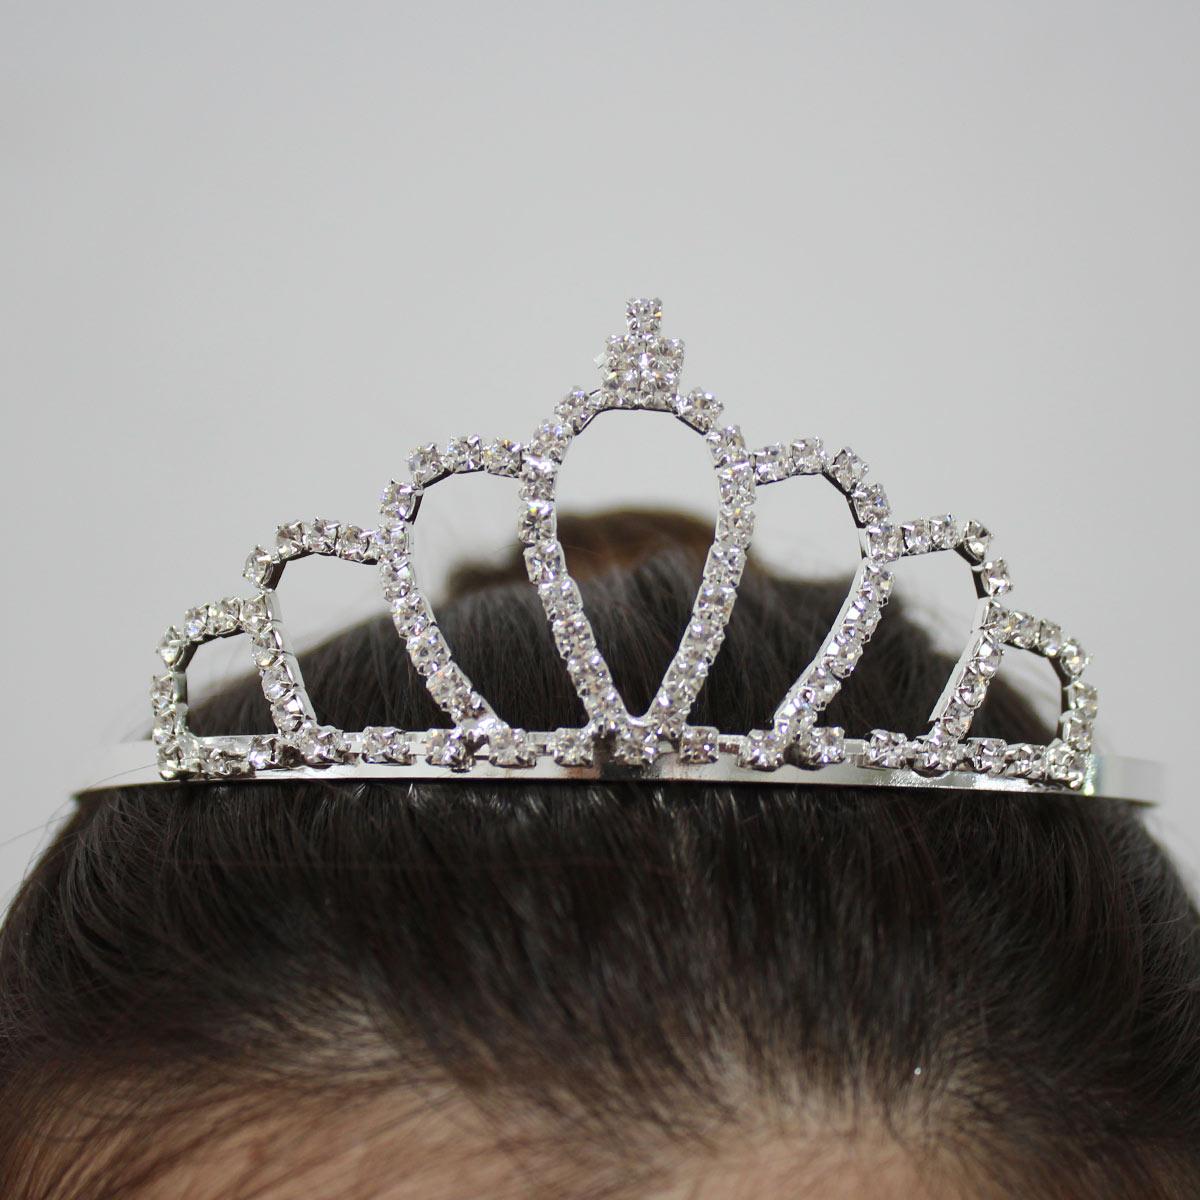 Tiara Coroa Metal Strass Princesa Noiva Debutante Miss - Vários Modelos